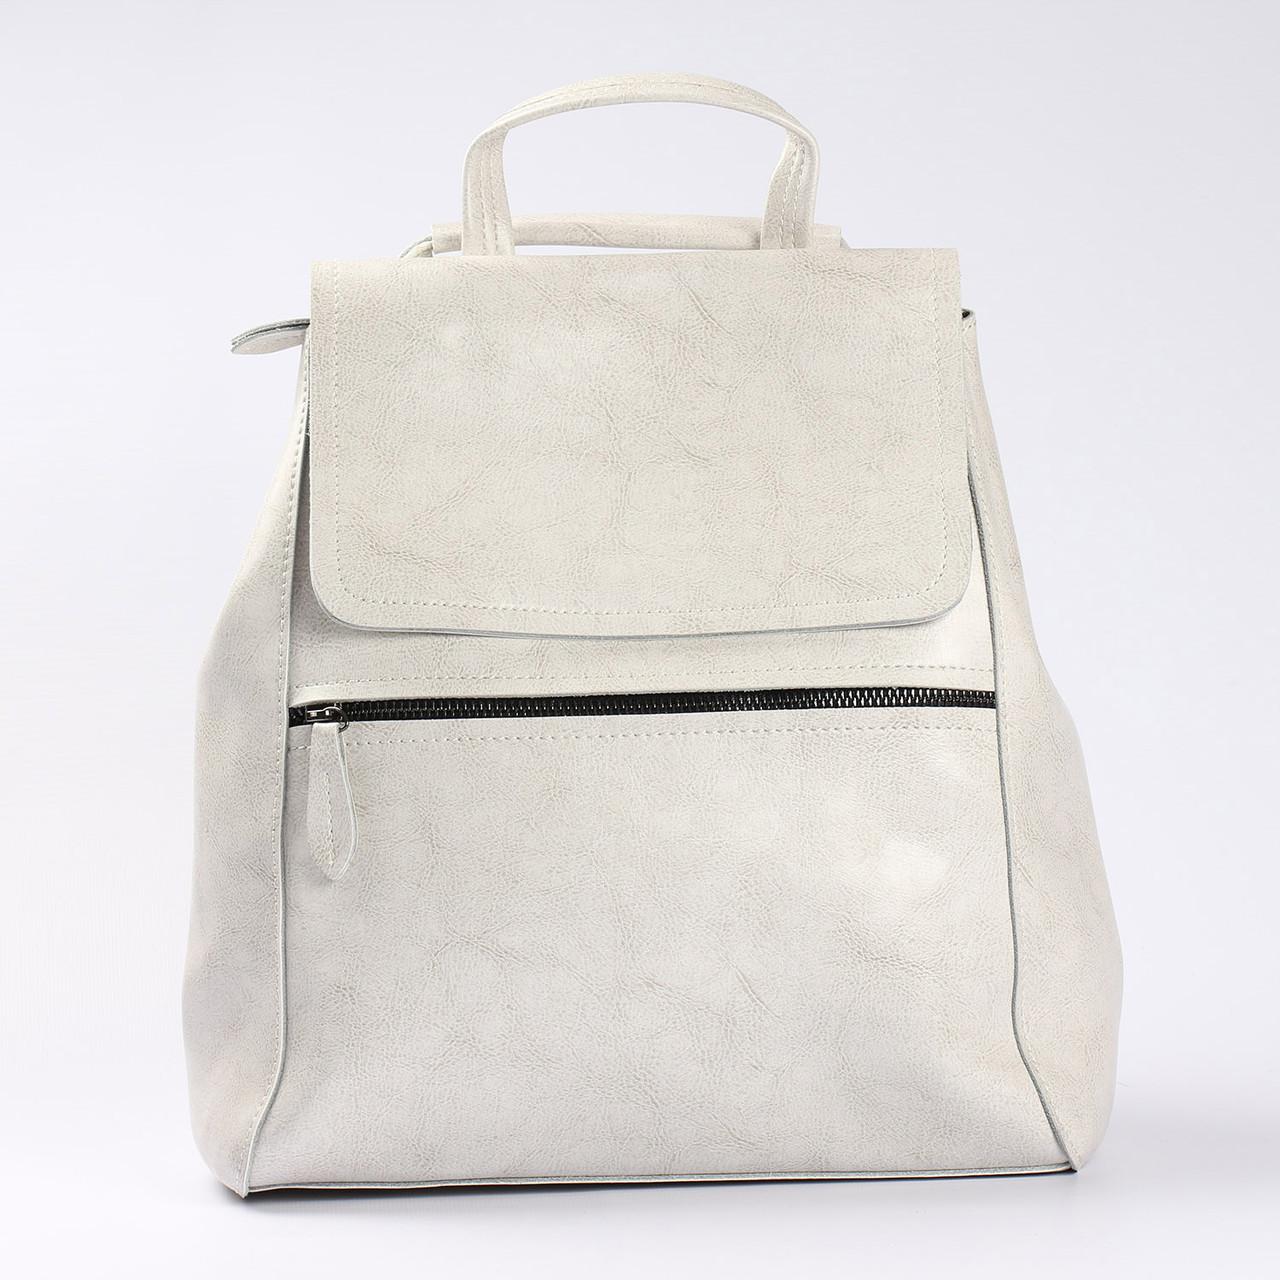 """Женский кожаный рюкзак-сумка(трансформер) светлого оттенка """"Жозефина White"""""""